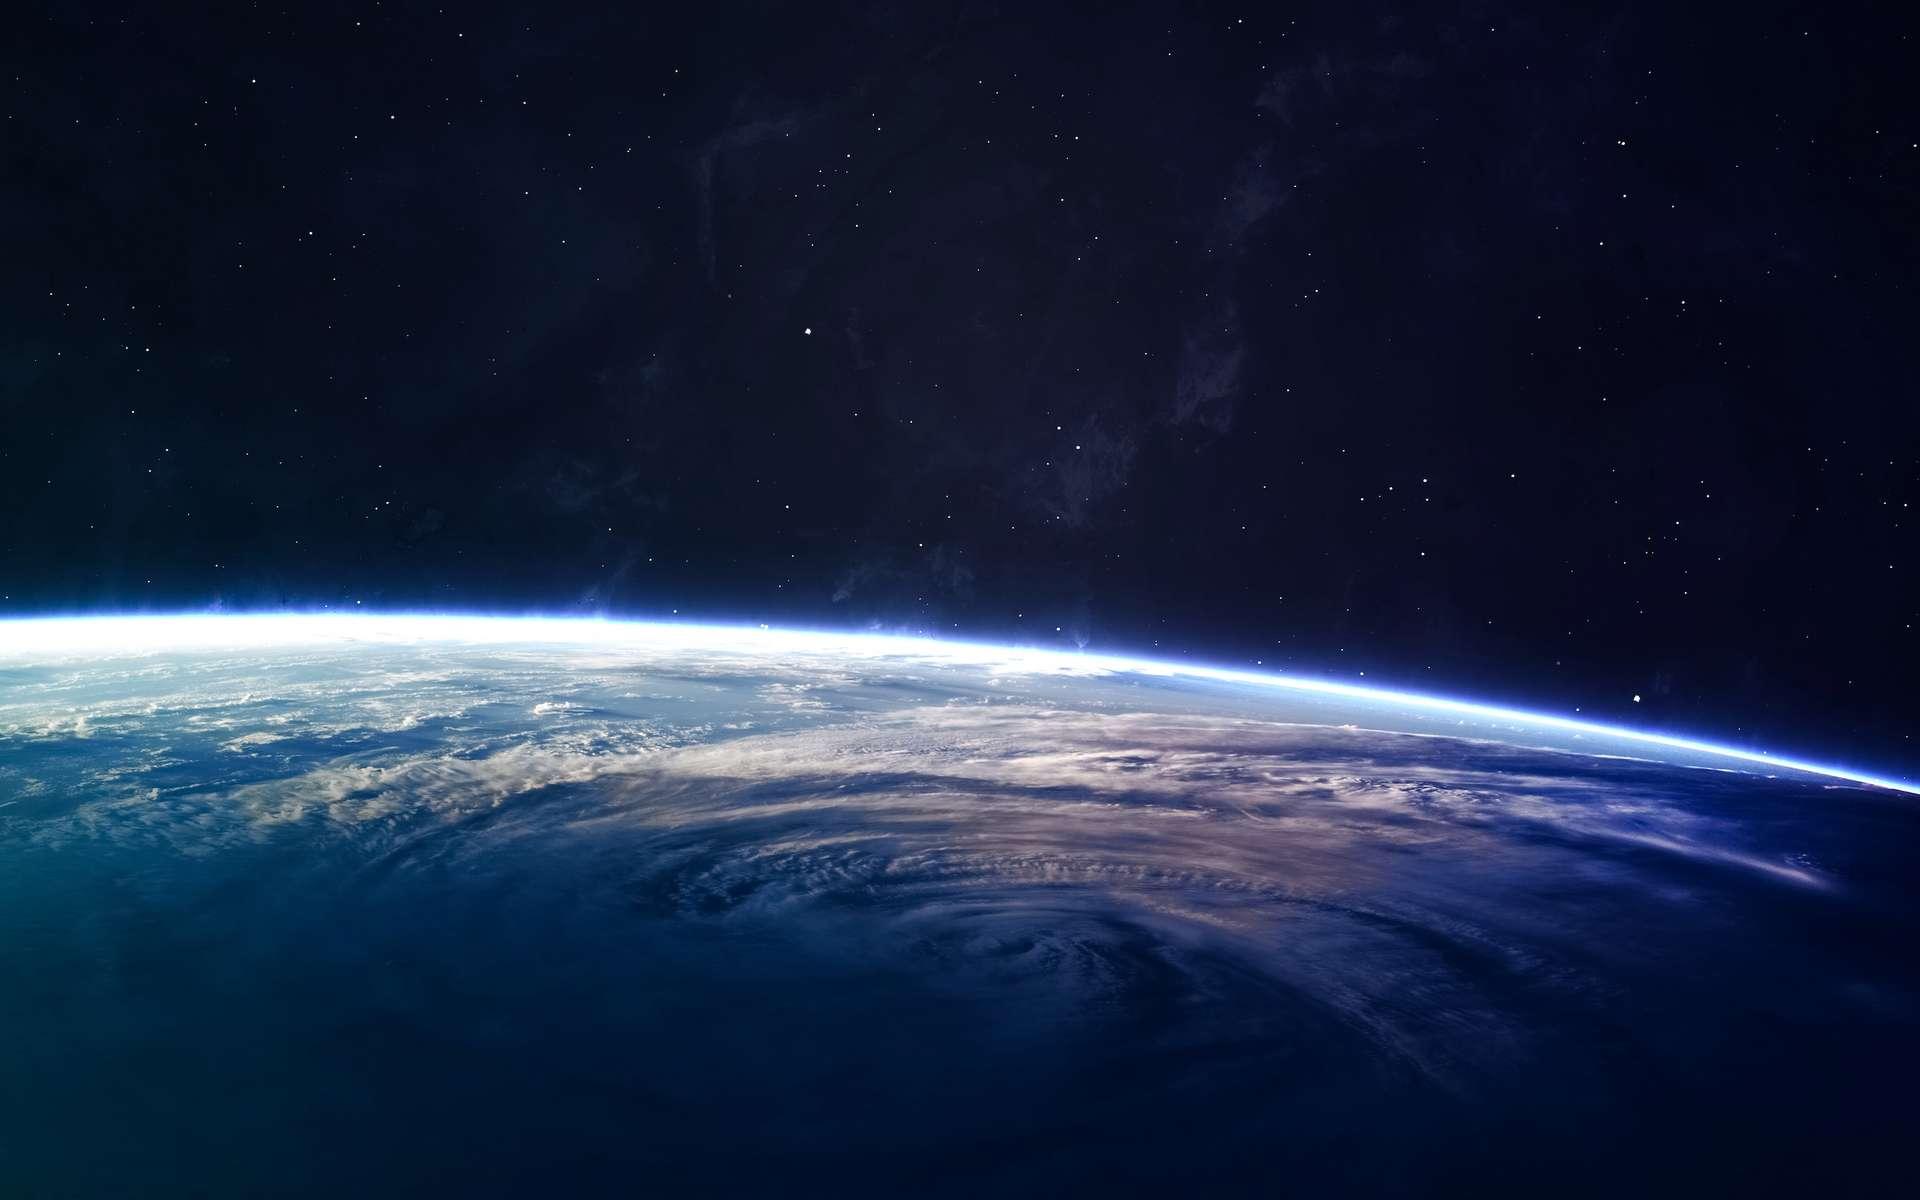 L'équilibre énergétique de la Terre semble rompu depuis quelques décennies. Et des chercheurs de l'université de Princeton (États-Unis) apportent aujourd'hui une nouvelle preuve de la responsabilité des activités humaines en la matière. © Vadimsadovski, Adobe Stock